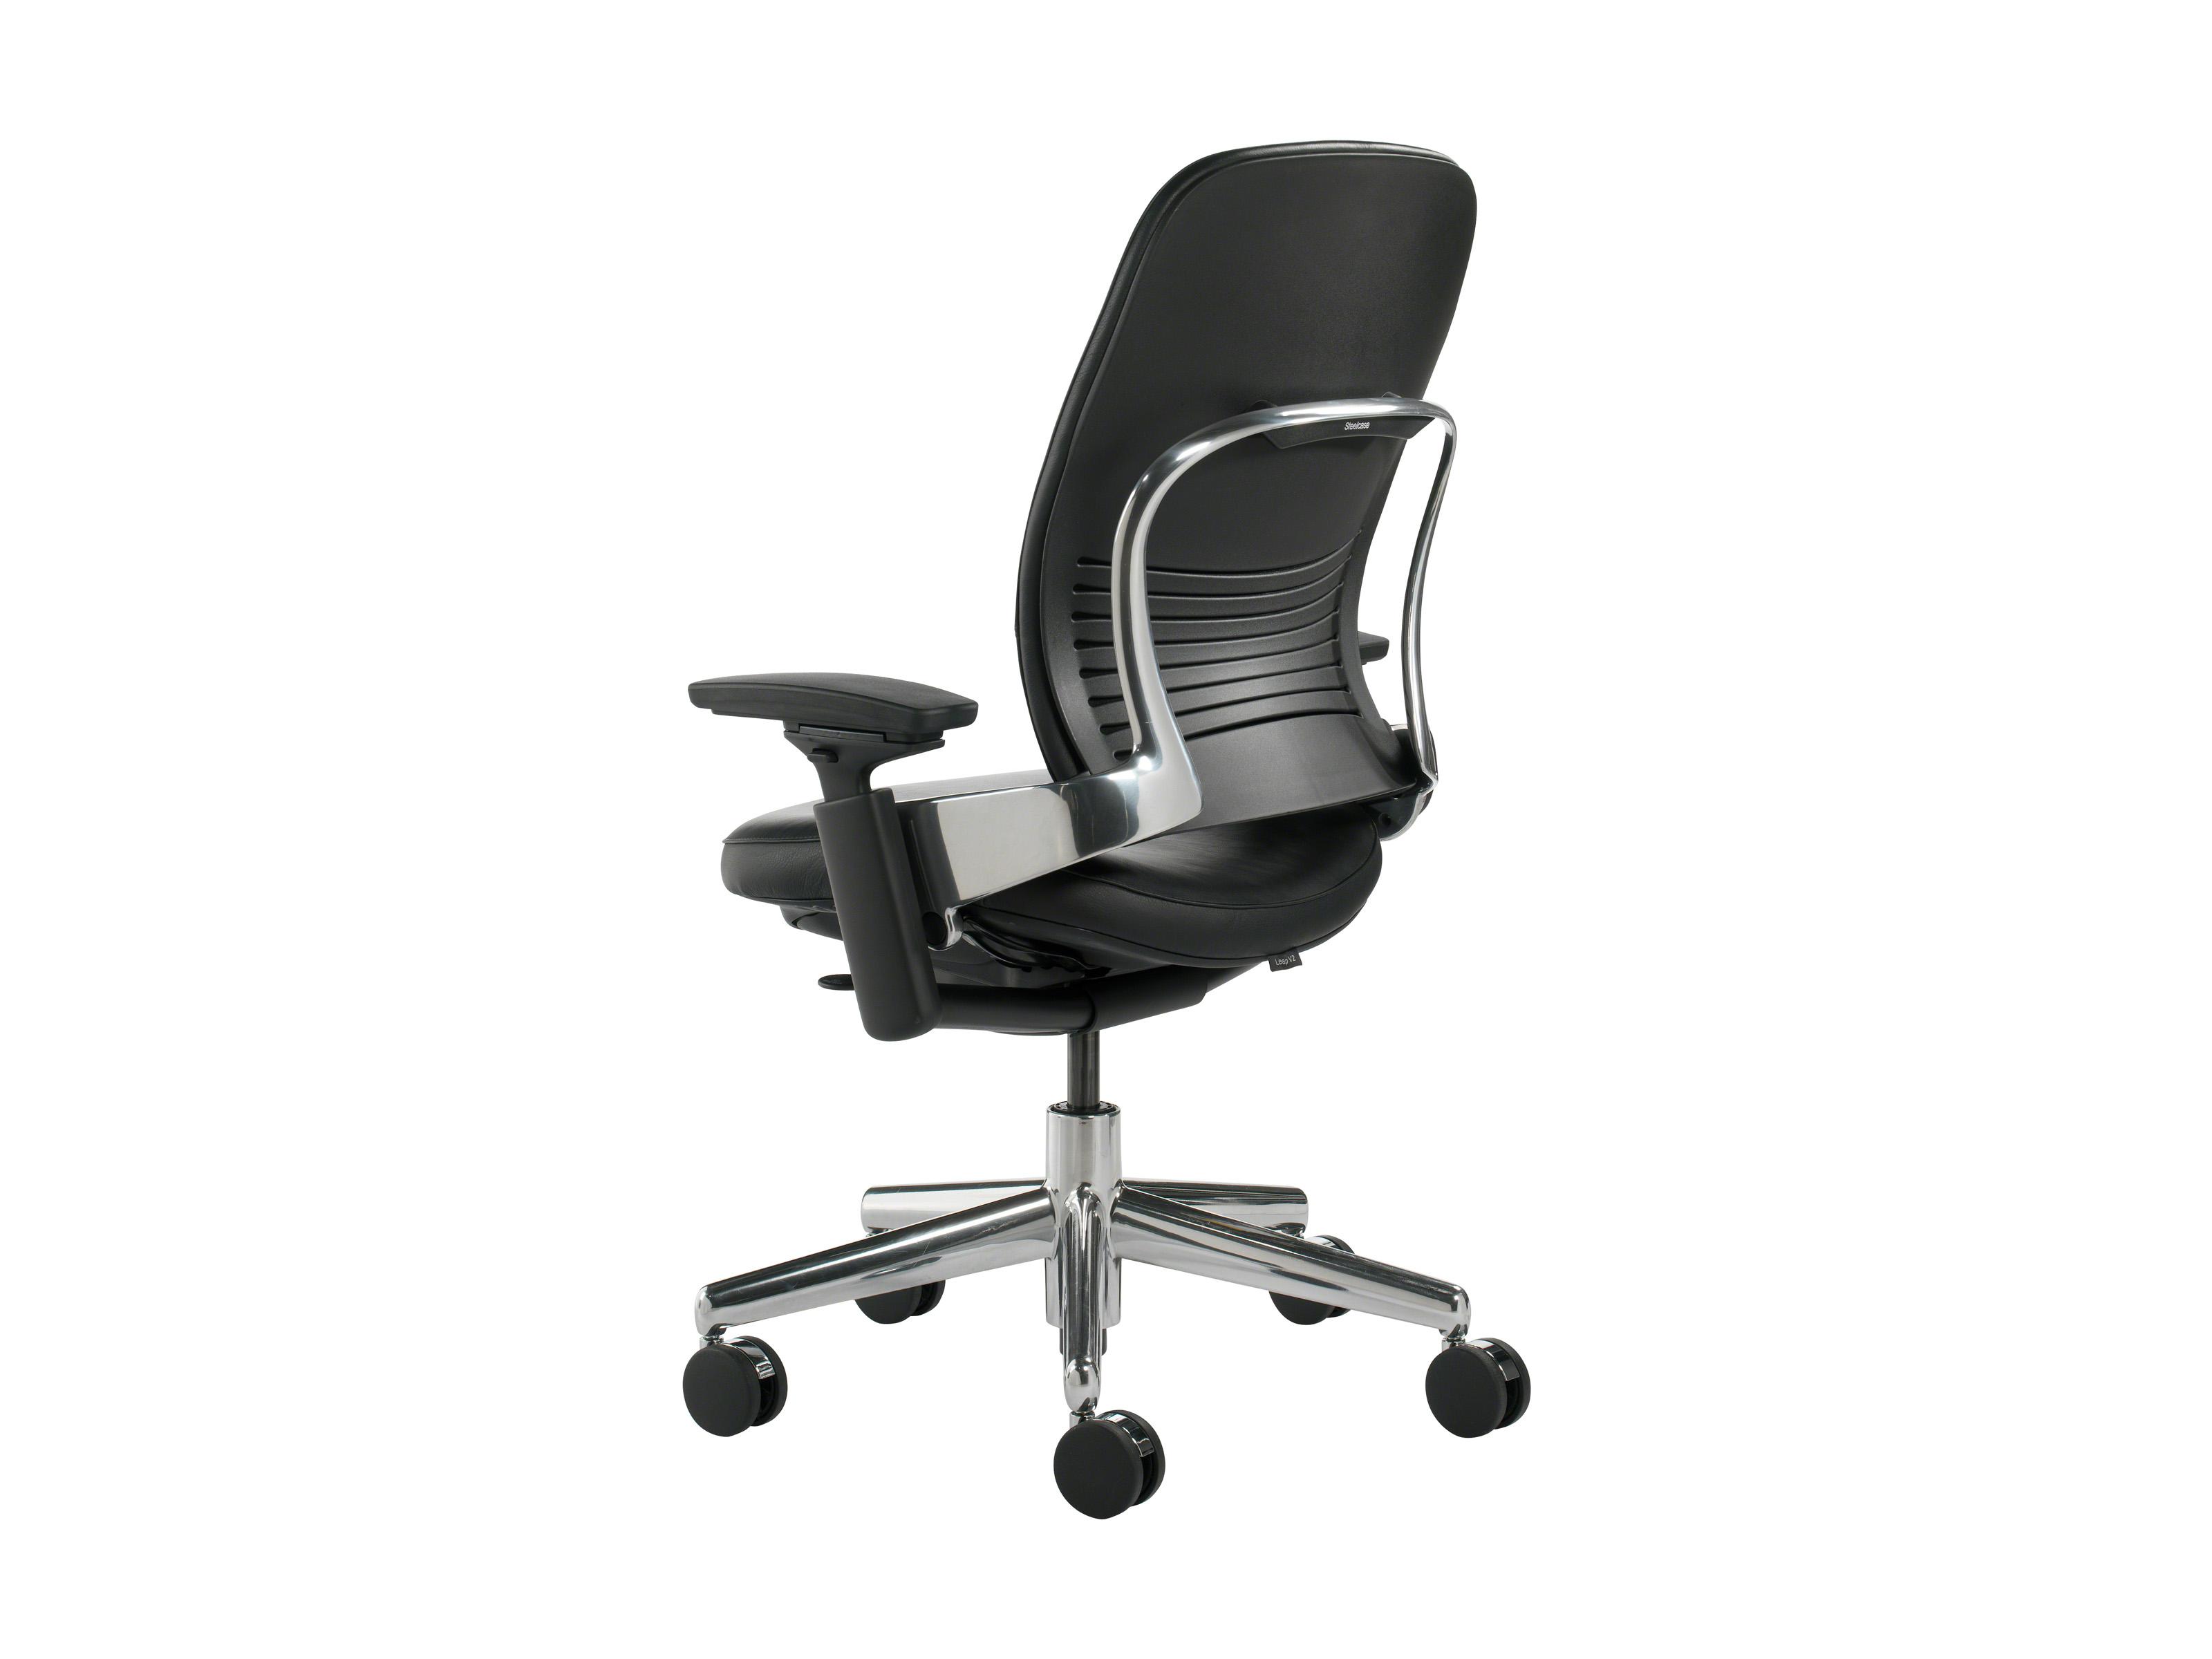 椅子が私の腰痛を治してくれた話